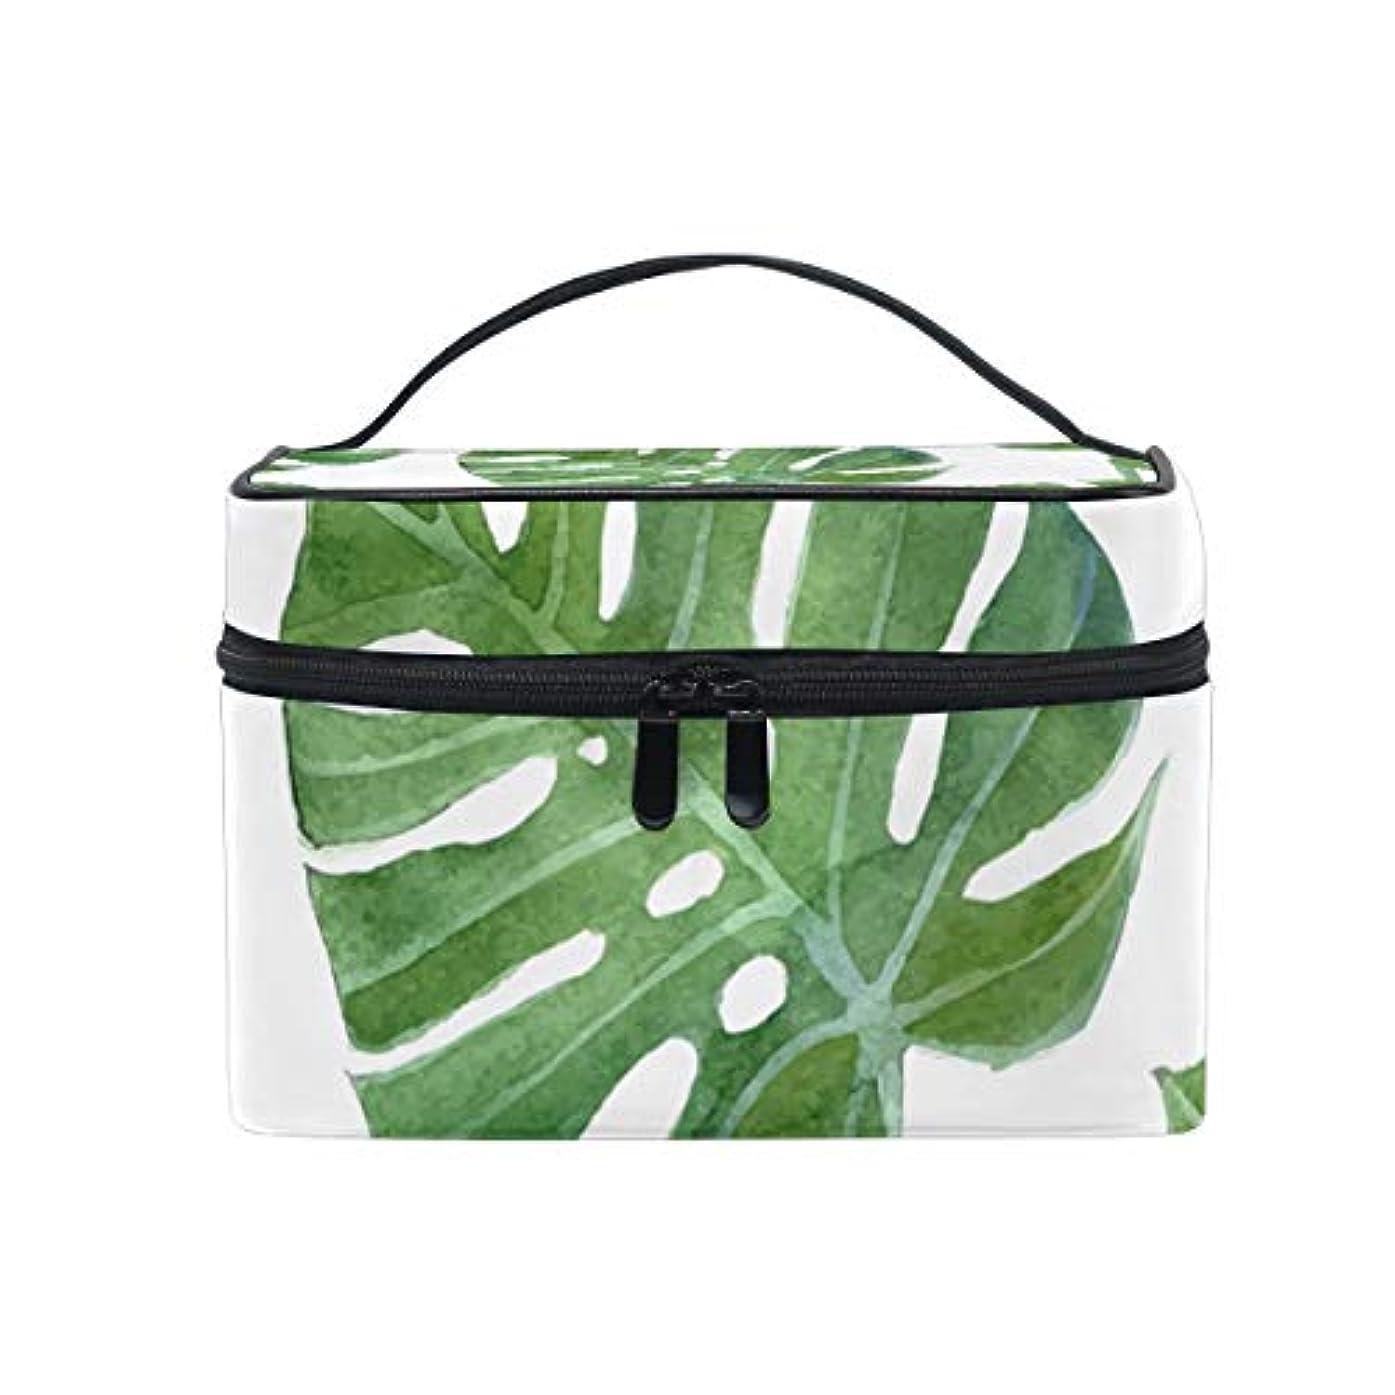 専門オリエンテーション免疫ユキオ(UKIO) メイクポーチ 大容量 シンプル かわいい 持ち運び 旅行 化粧ポーチ コスメバッグ 化粧品 ハワイ 葉 緑 レディース 収納ケース ポーチ 収納ボックス 化粧箱 メイクバッグ